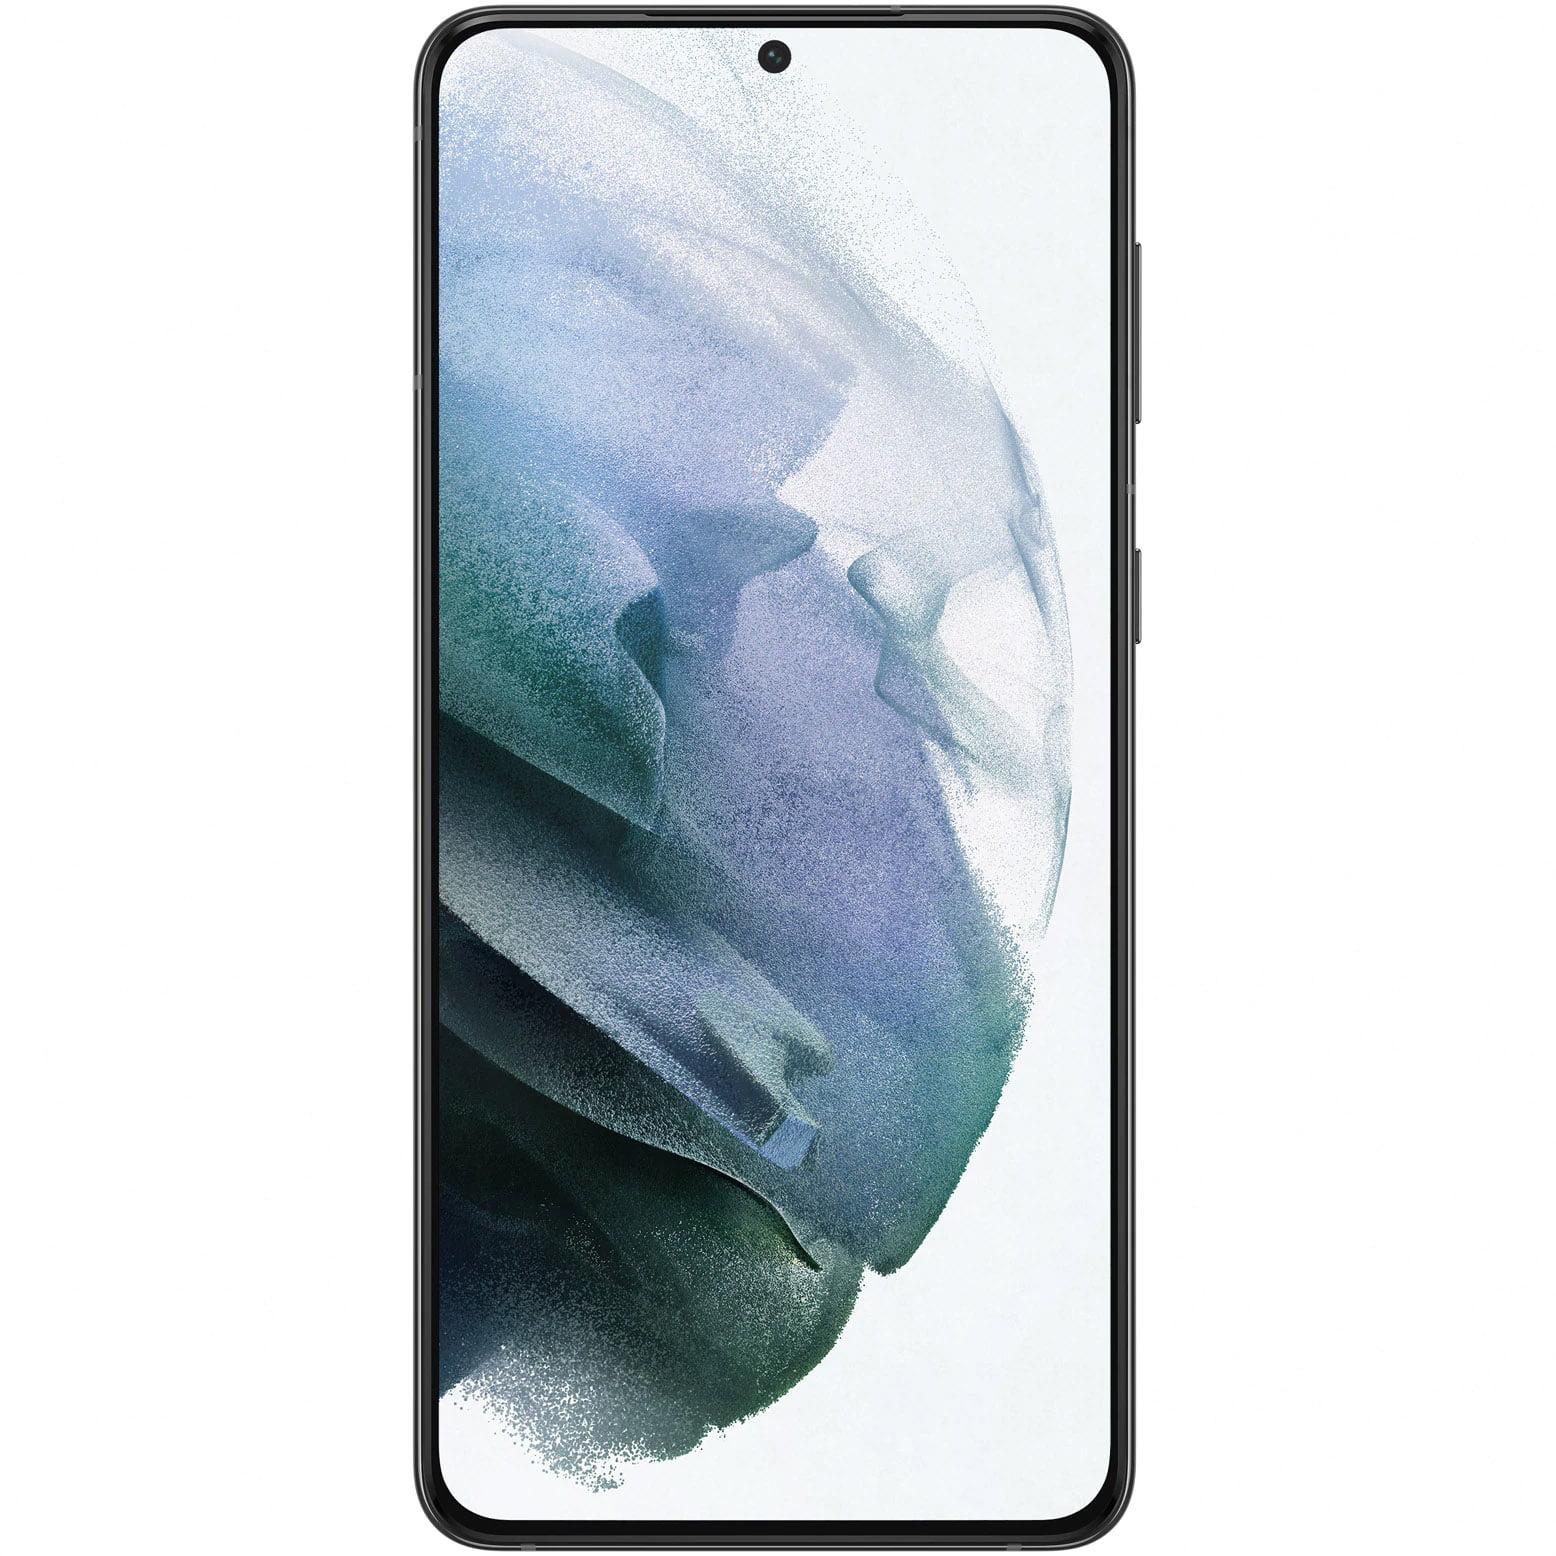 Telefon mobil Samsung Galaxy S21 Plus, Dual SIM, 256GB, 8GB RAM, 5G, Phantom Black